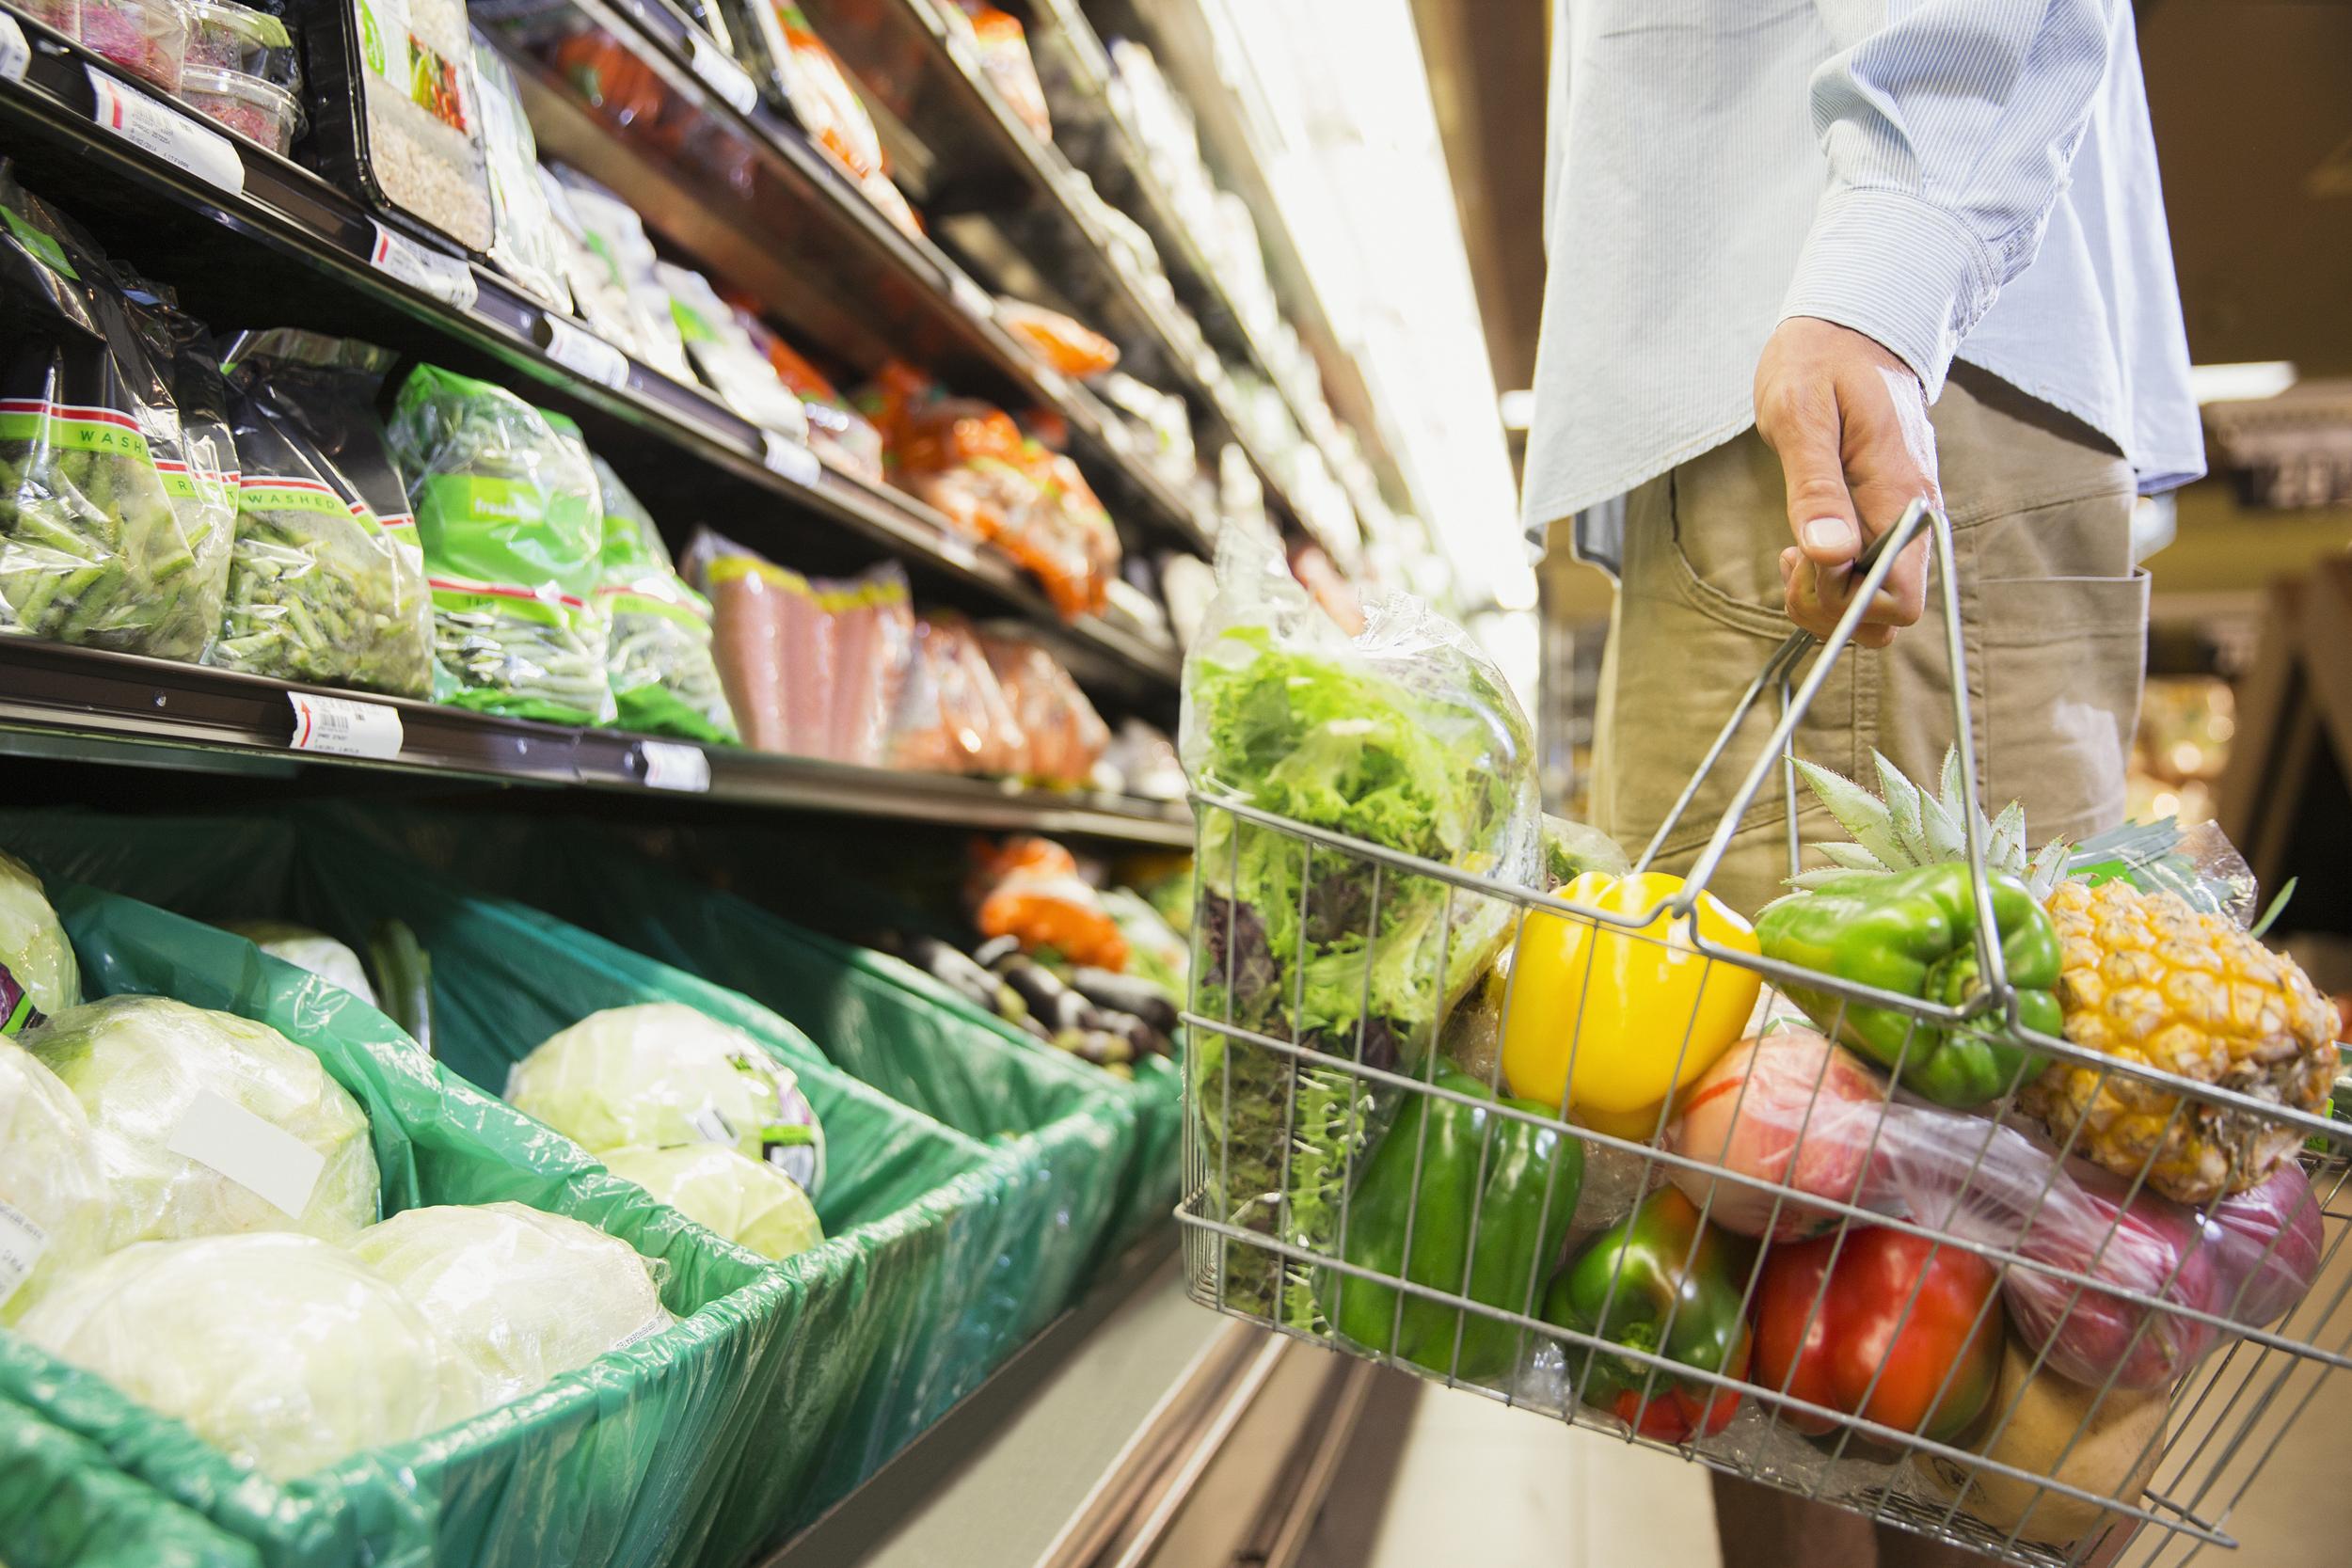 Type 2 diabetes diet plan: Sensible, carb-conscious meal ideas